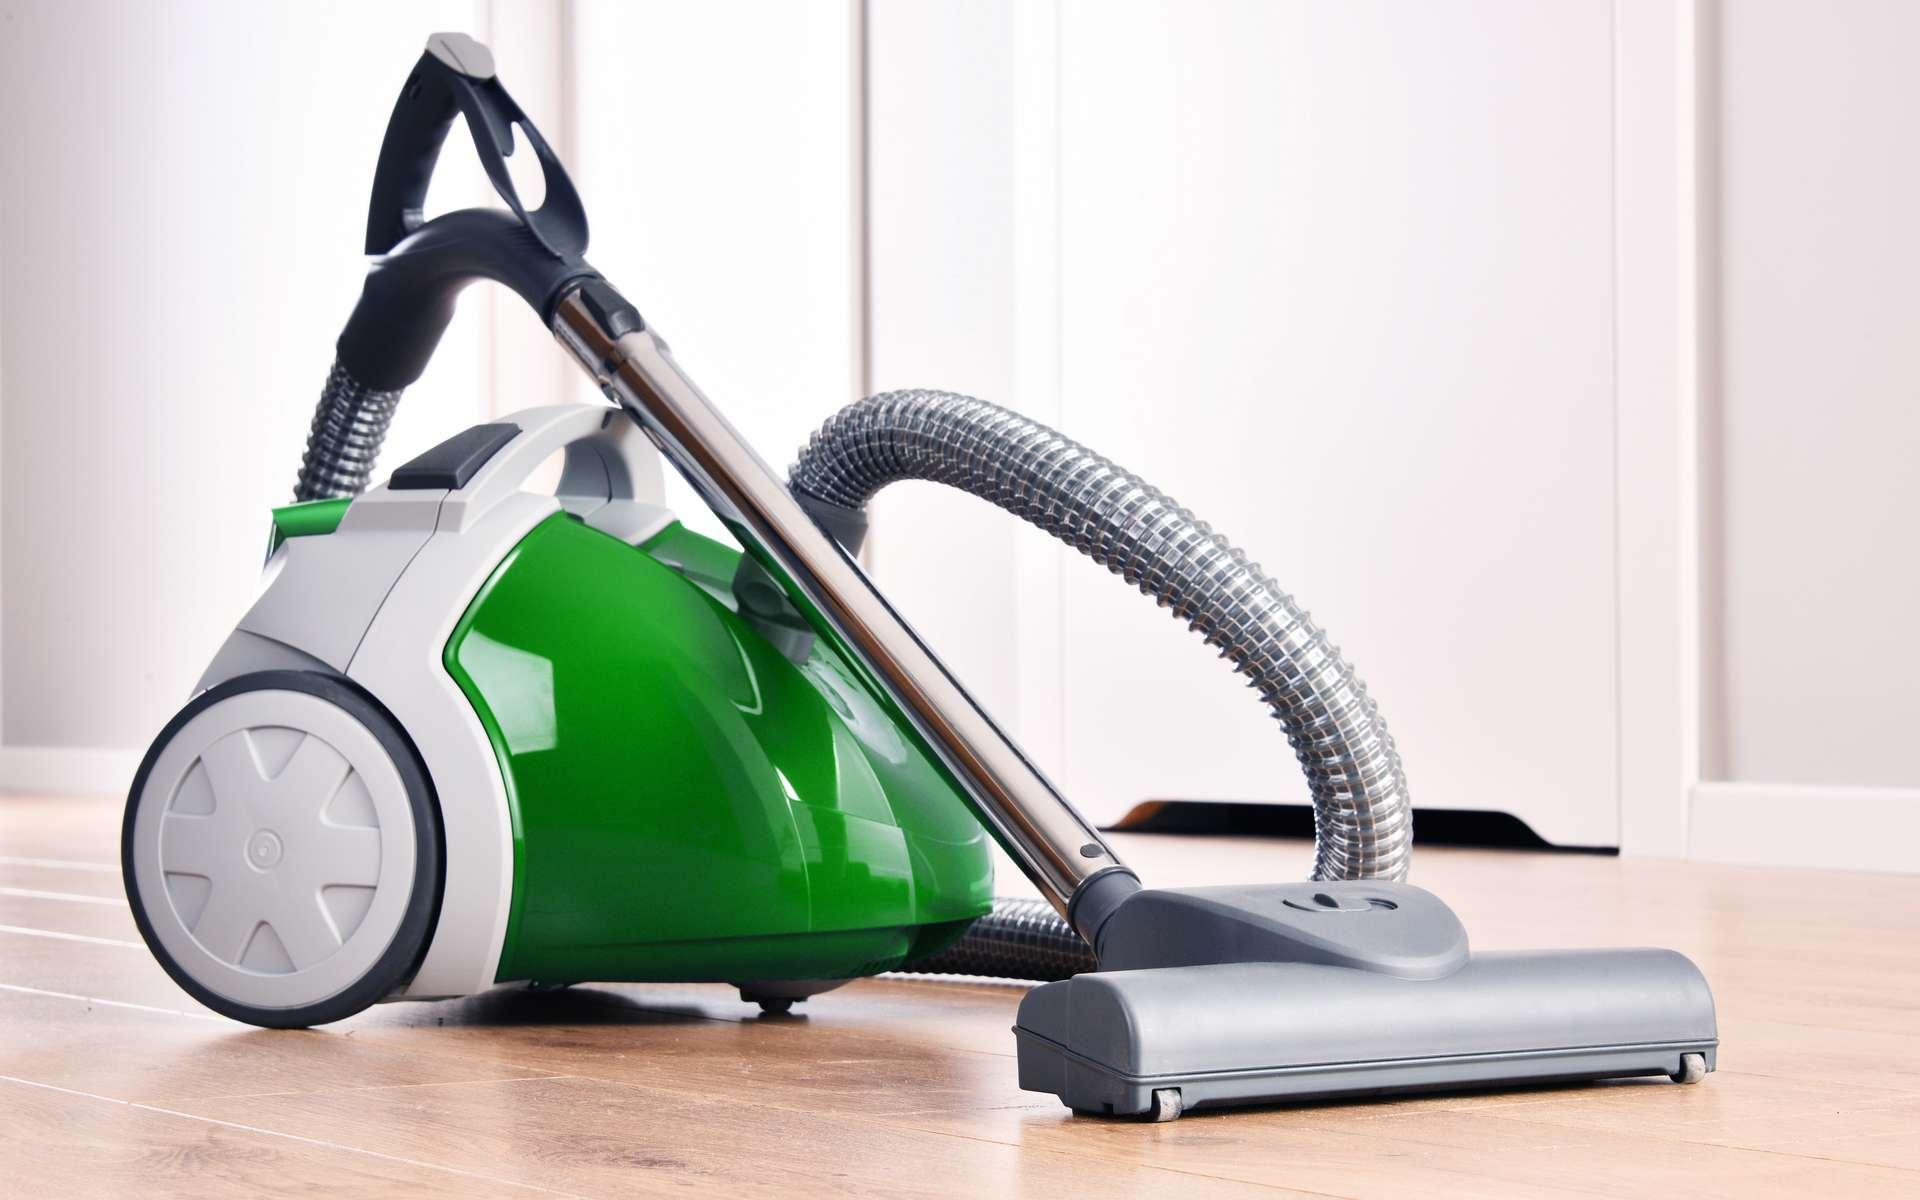 Découvrez comment nettoyer le filtre d'un aspirateur sans sac. © monticellllo, Adobe Stock